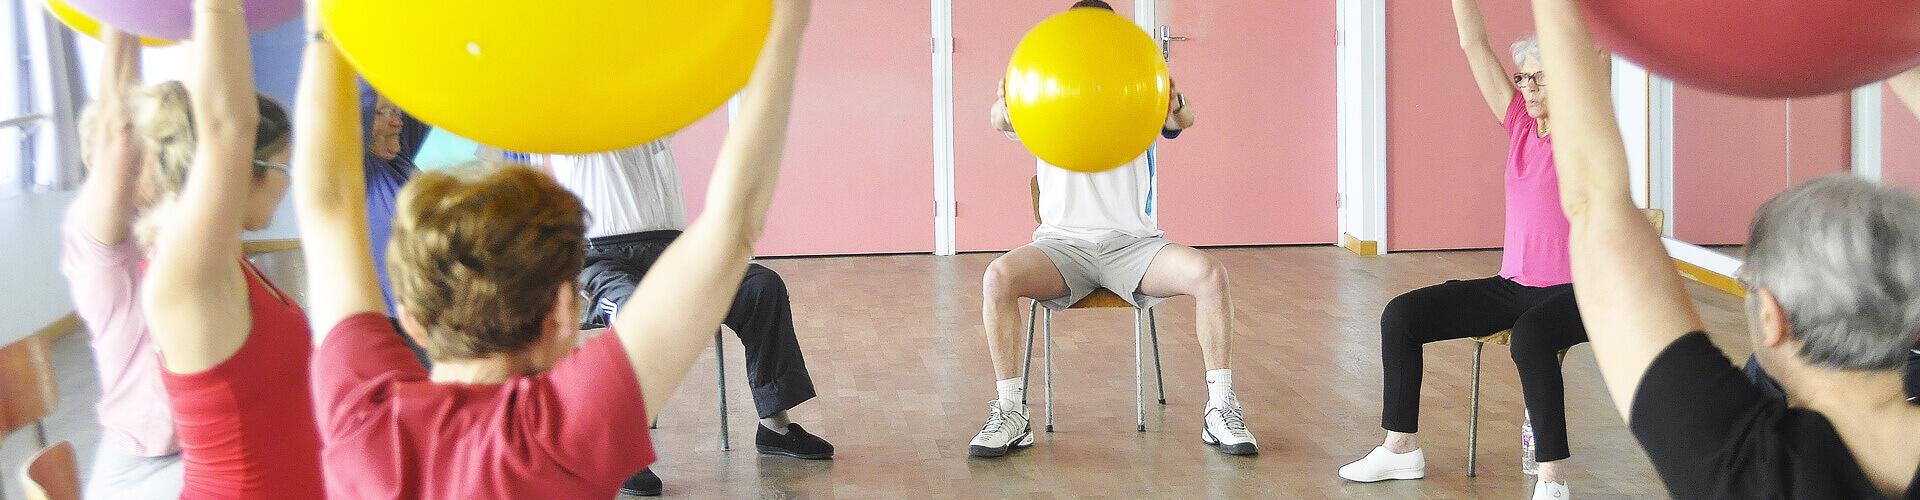 gymnastique-douce-jeune-france-cholet